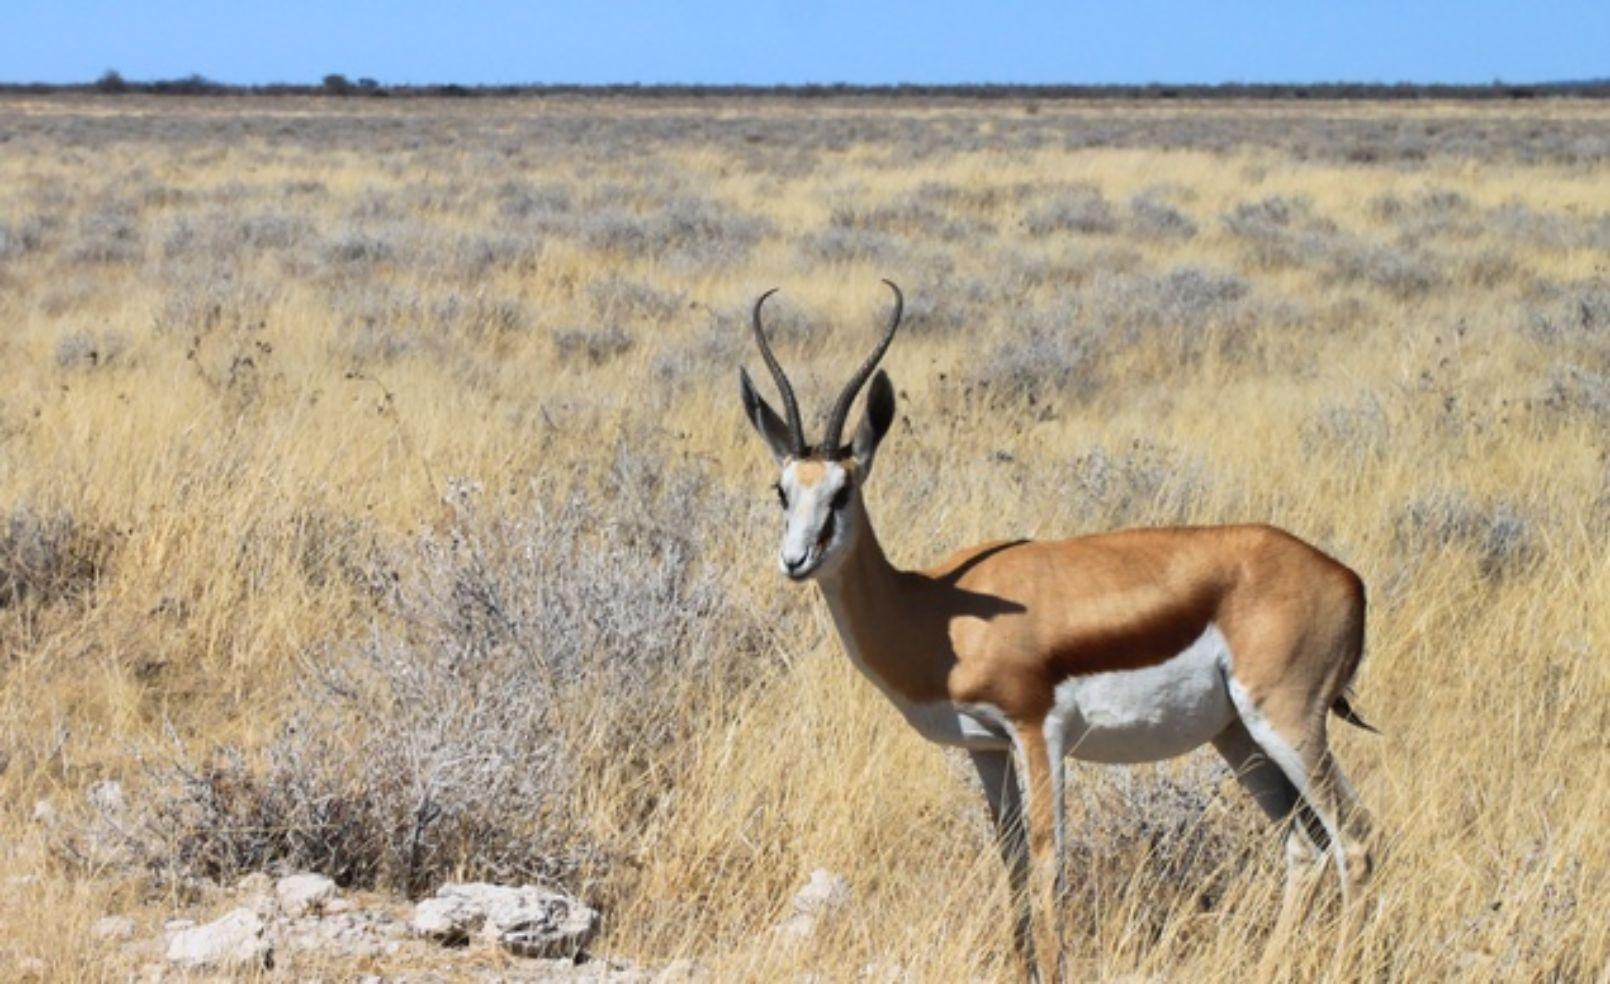 Impala in Namibia's Etosha National Park